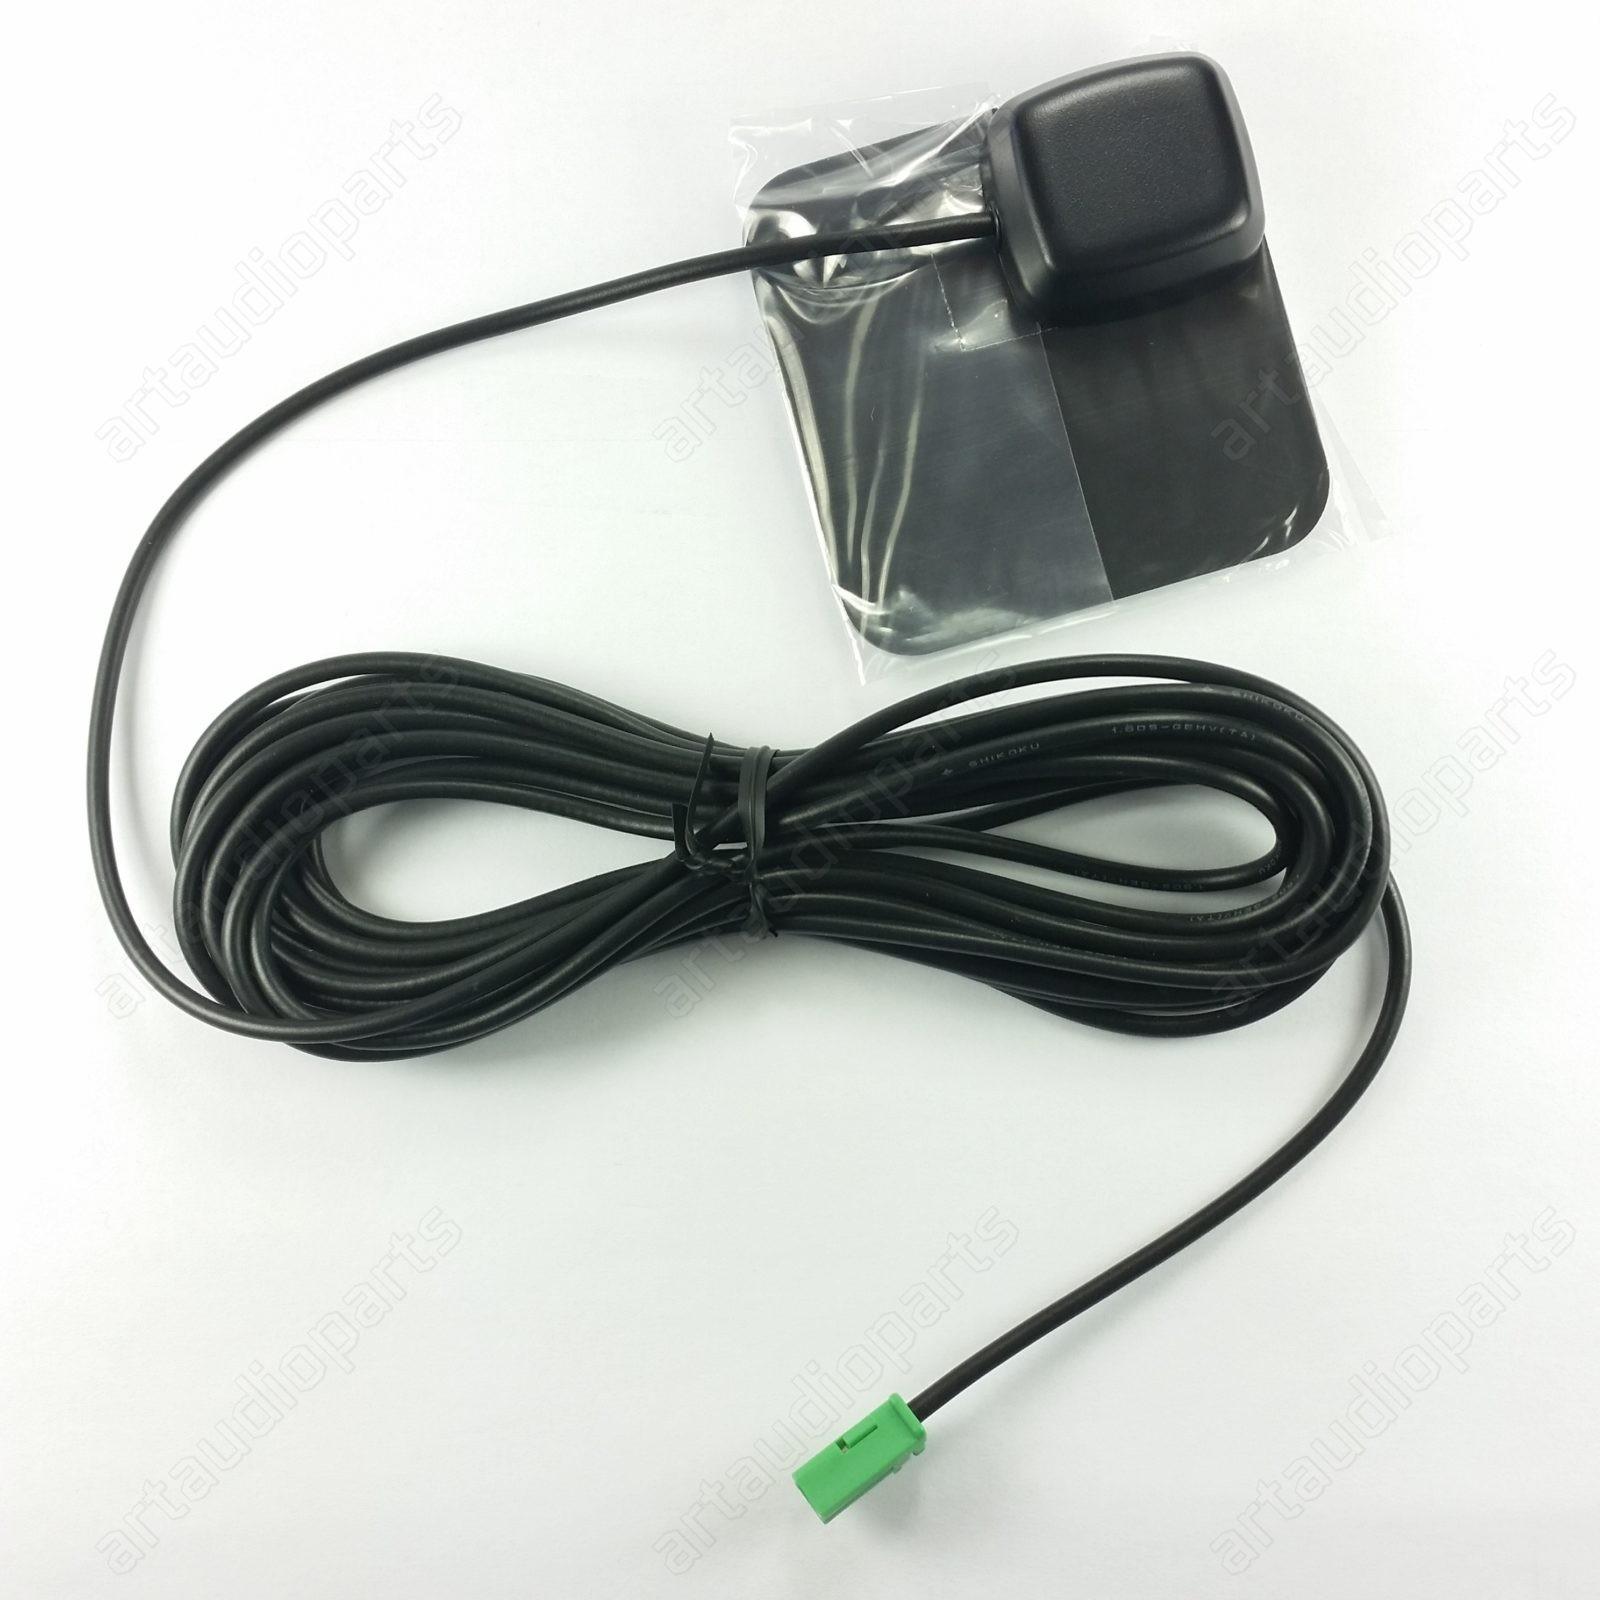 GPS Antenna for Pioneer AVIC-F700BT AVIC-F7010BT AVIC-F900BT AVIC-F90BT